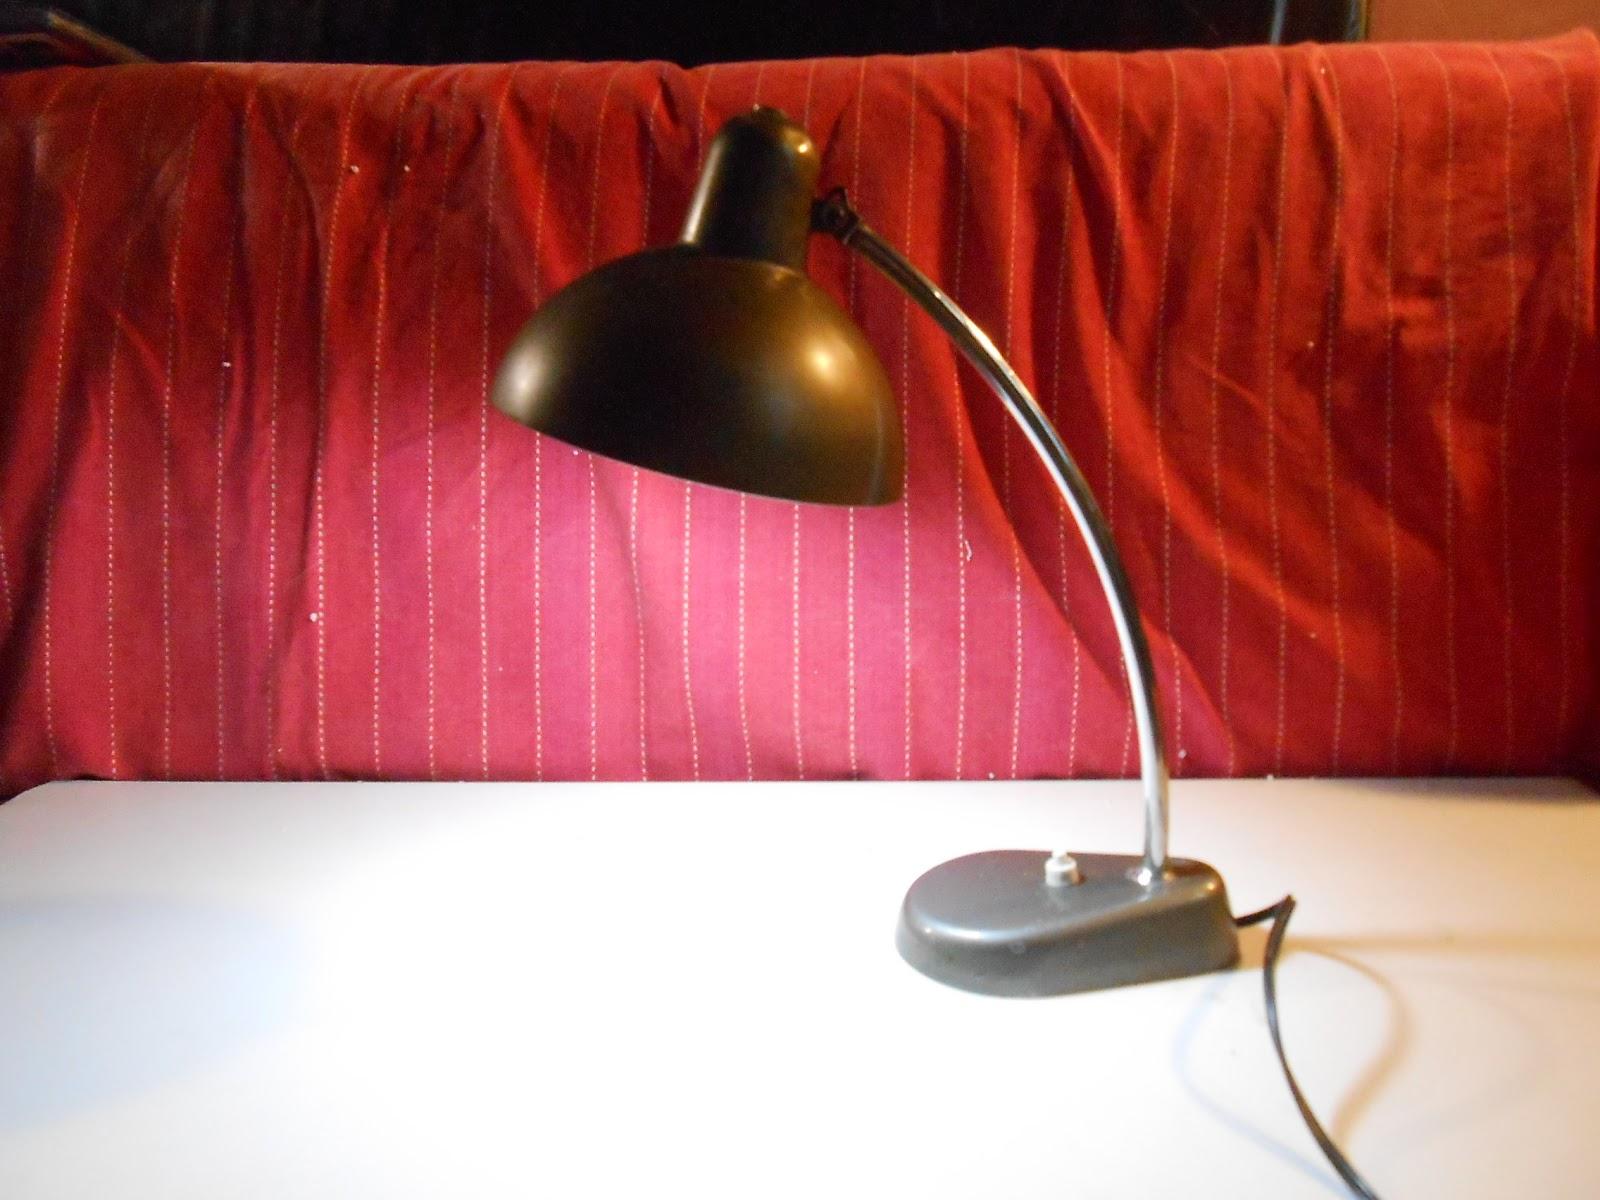 Lampade Da Tavolo Di Lavoro : Lampada da tavolo per lavoro ministero a p torino